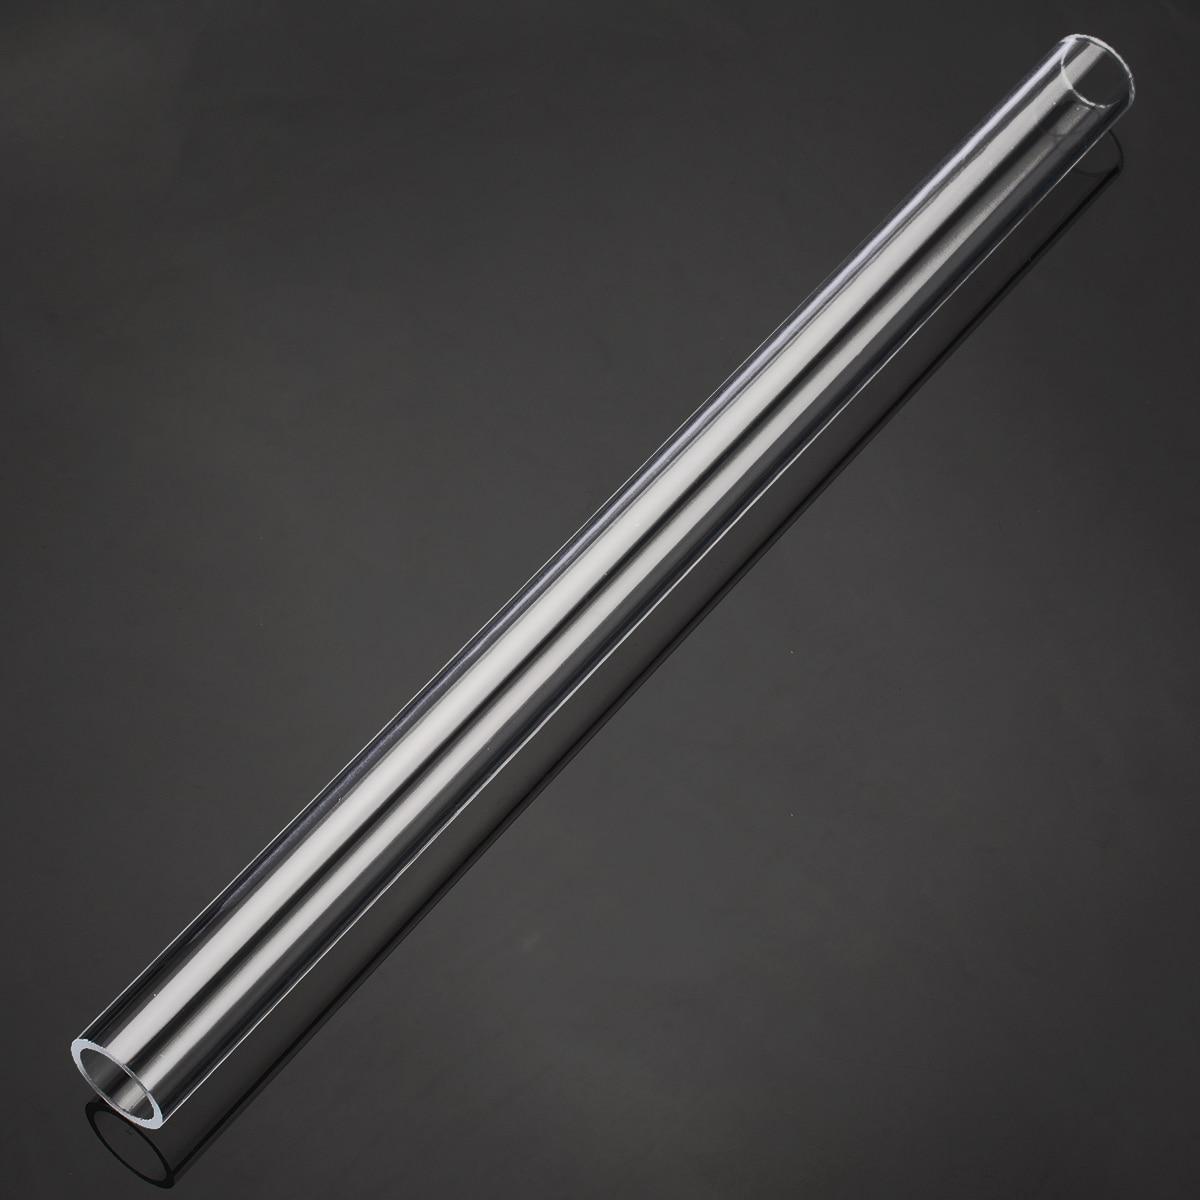 Прозрачная акриловая труба из акрилового плексигласа люцитовая трубка 20 мм OD 16 мм ID для инструментов длиной 300 мм